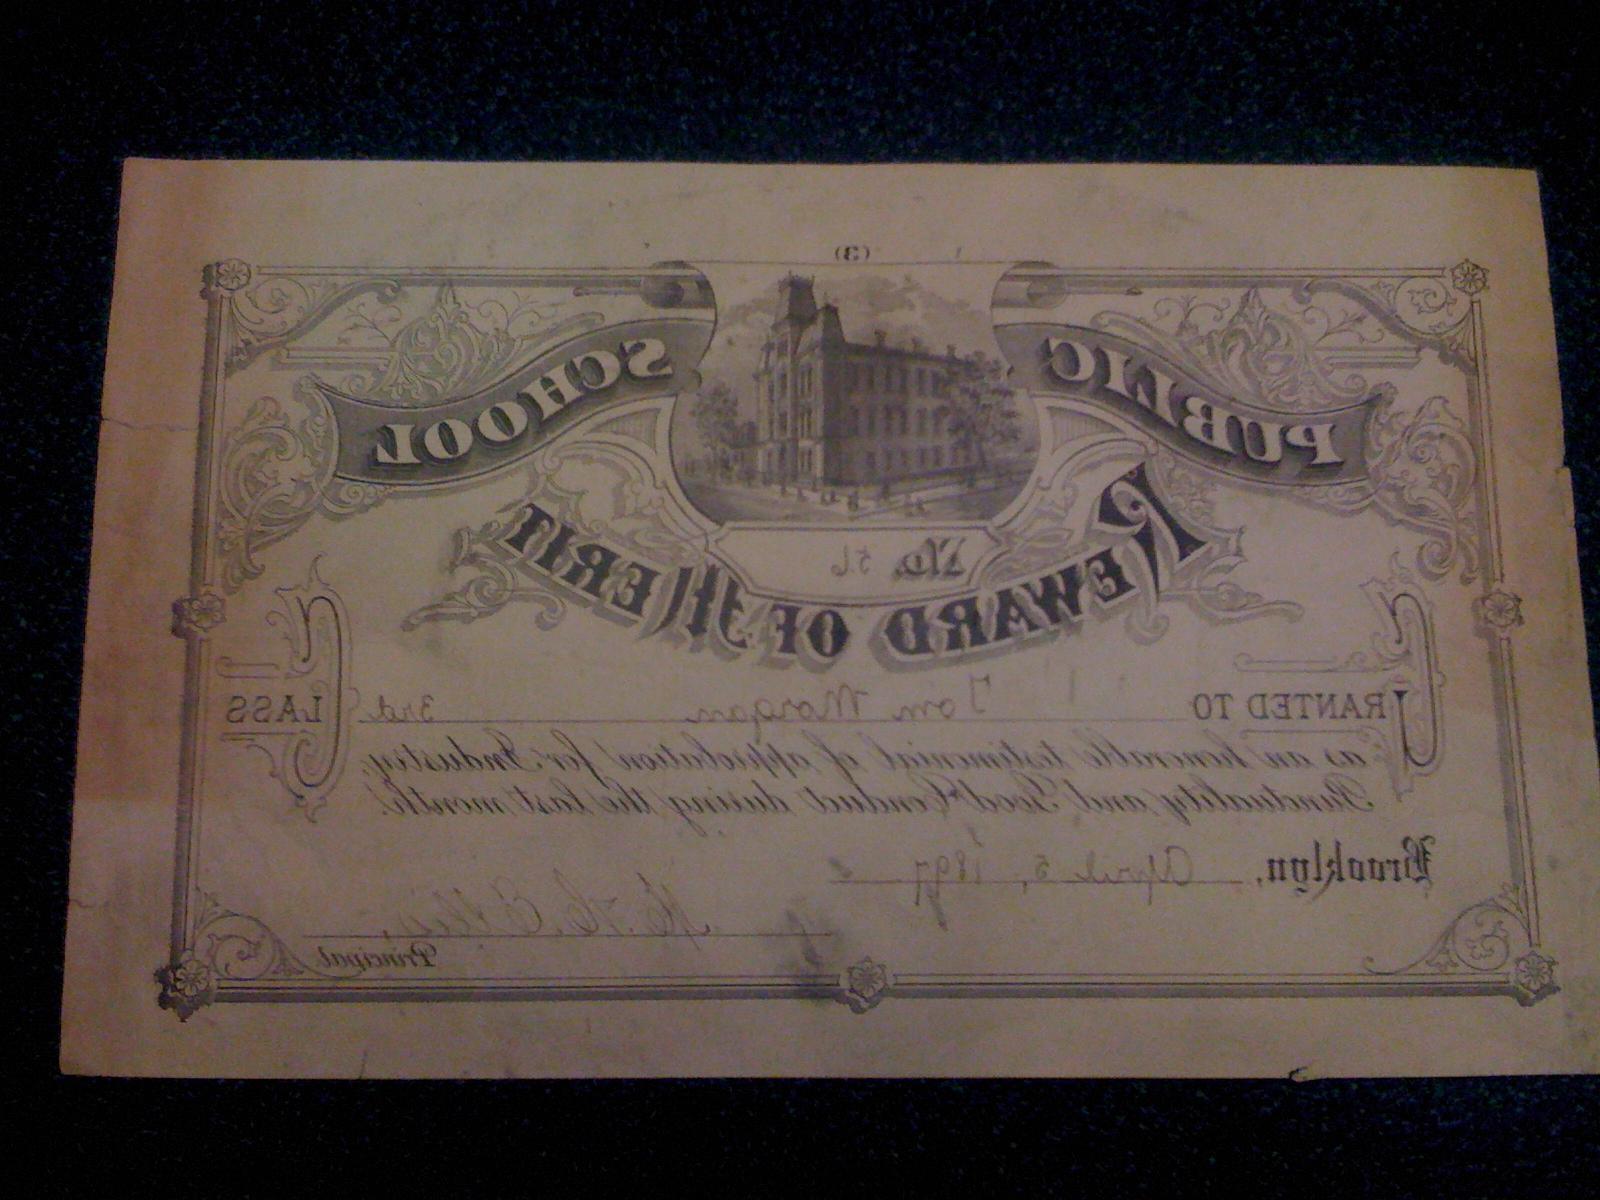 P.S. 56 merit reward, 1897.